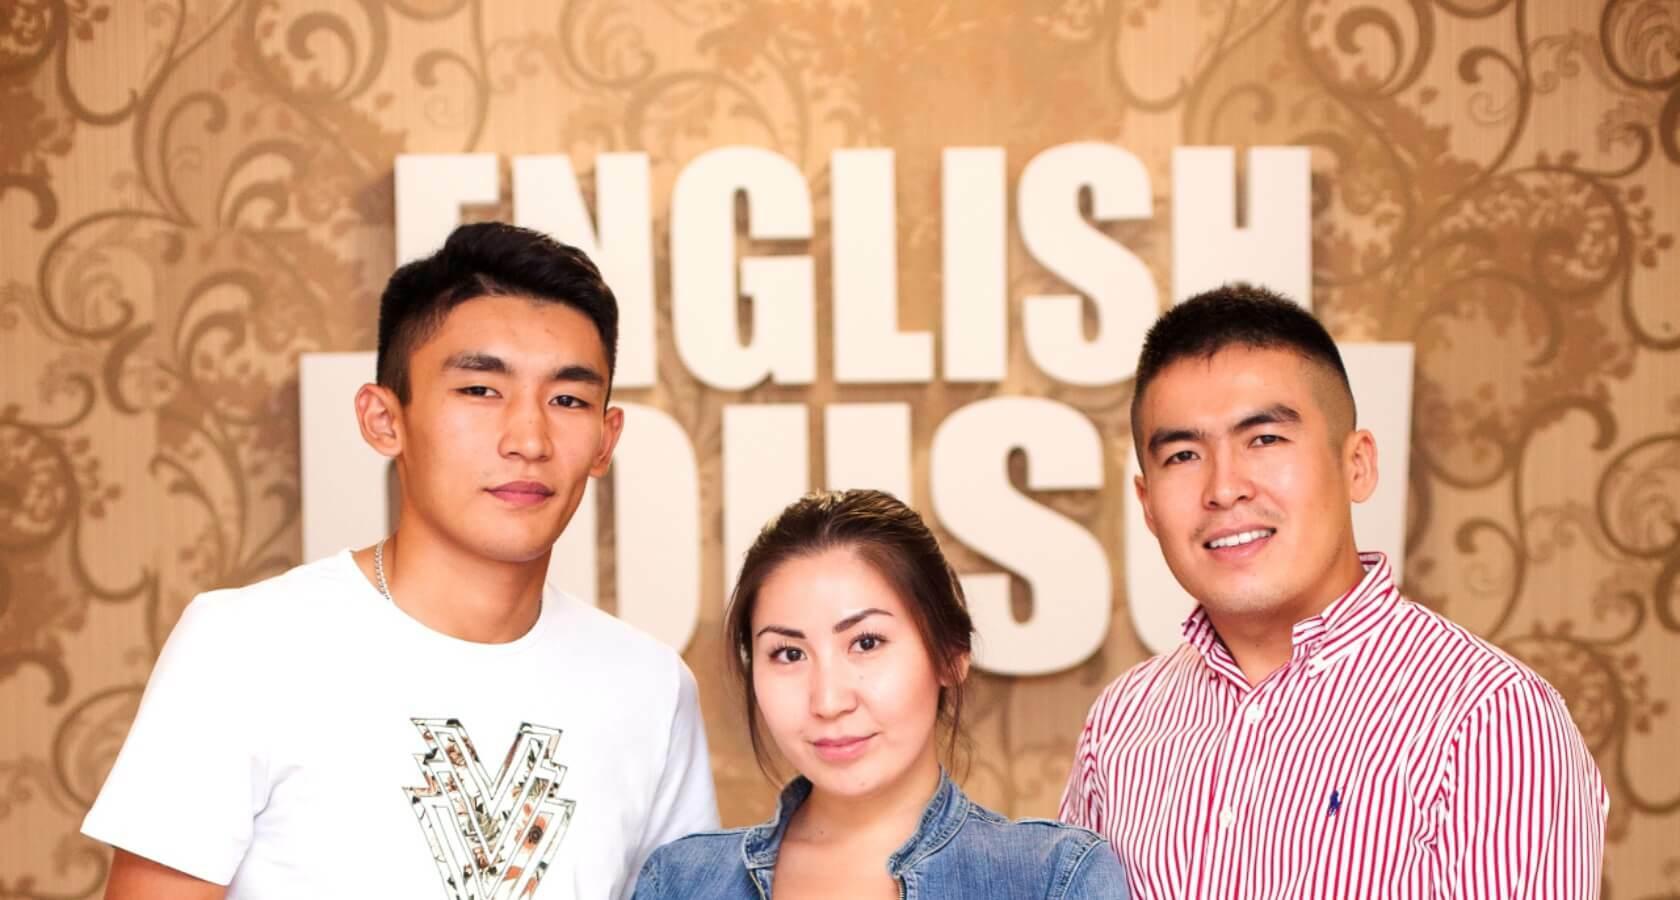 Английский язык с нуля для начинающих в Астане Нурсултане